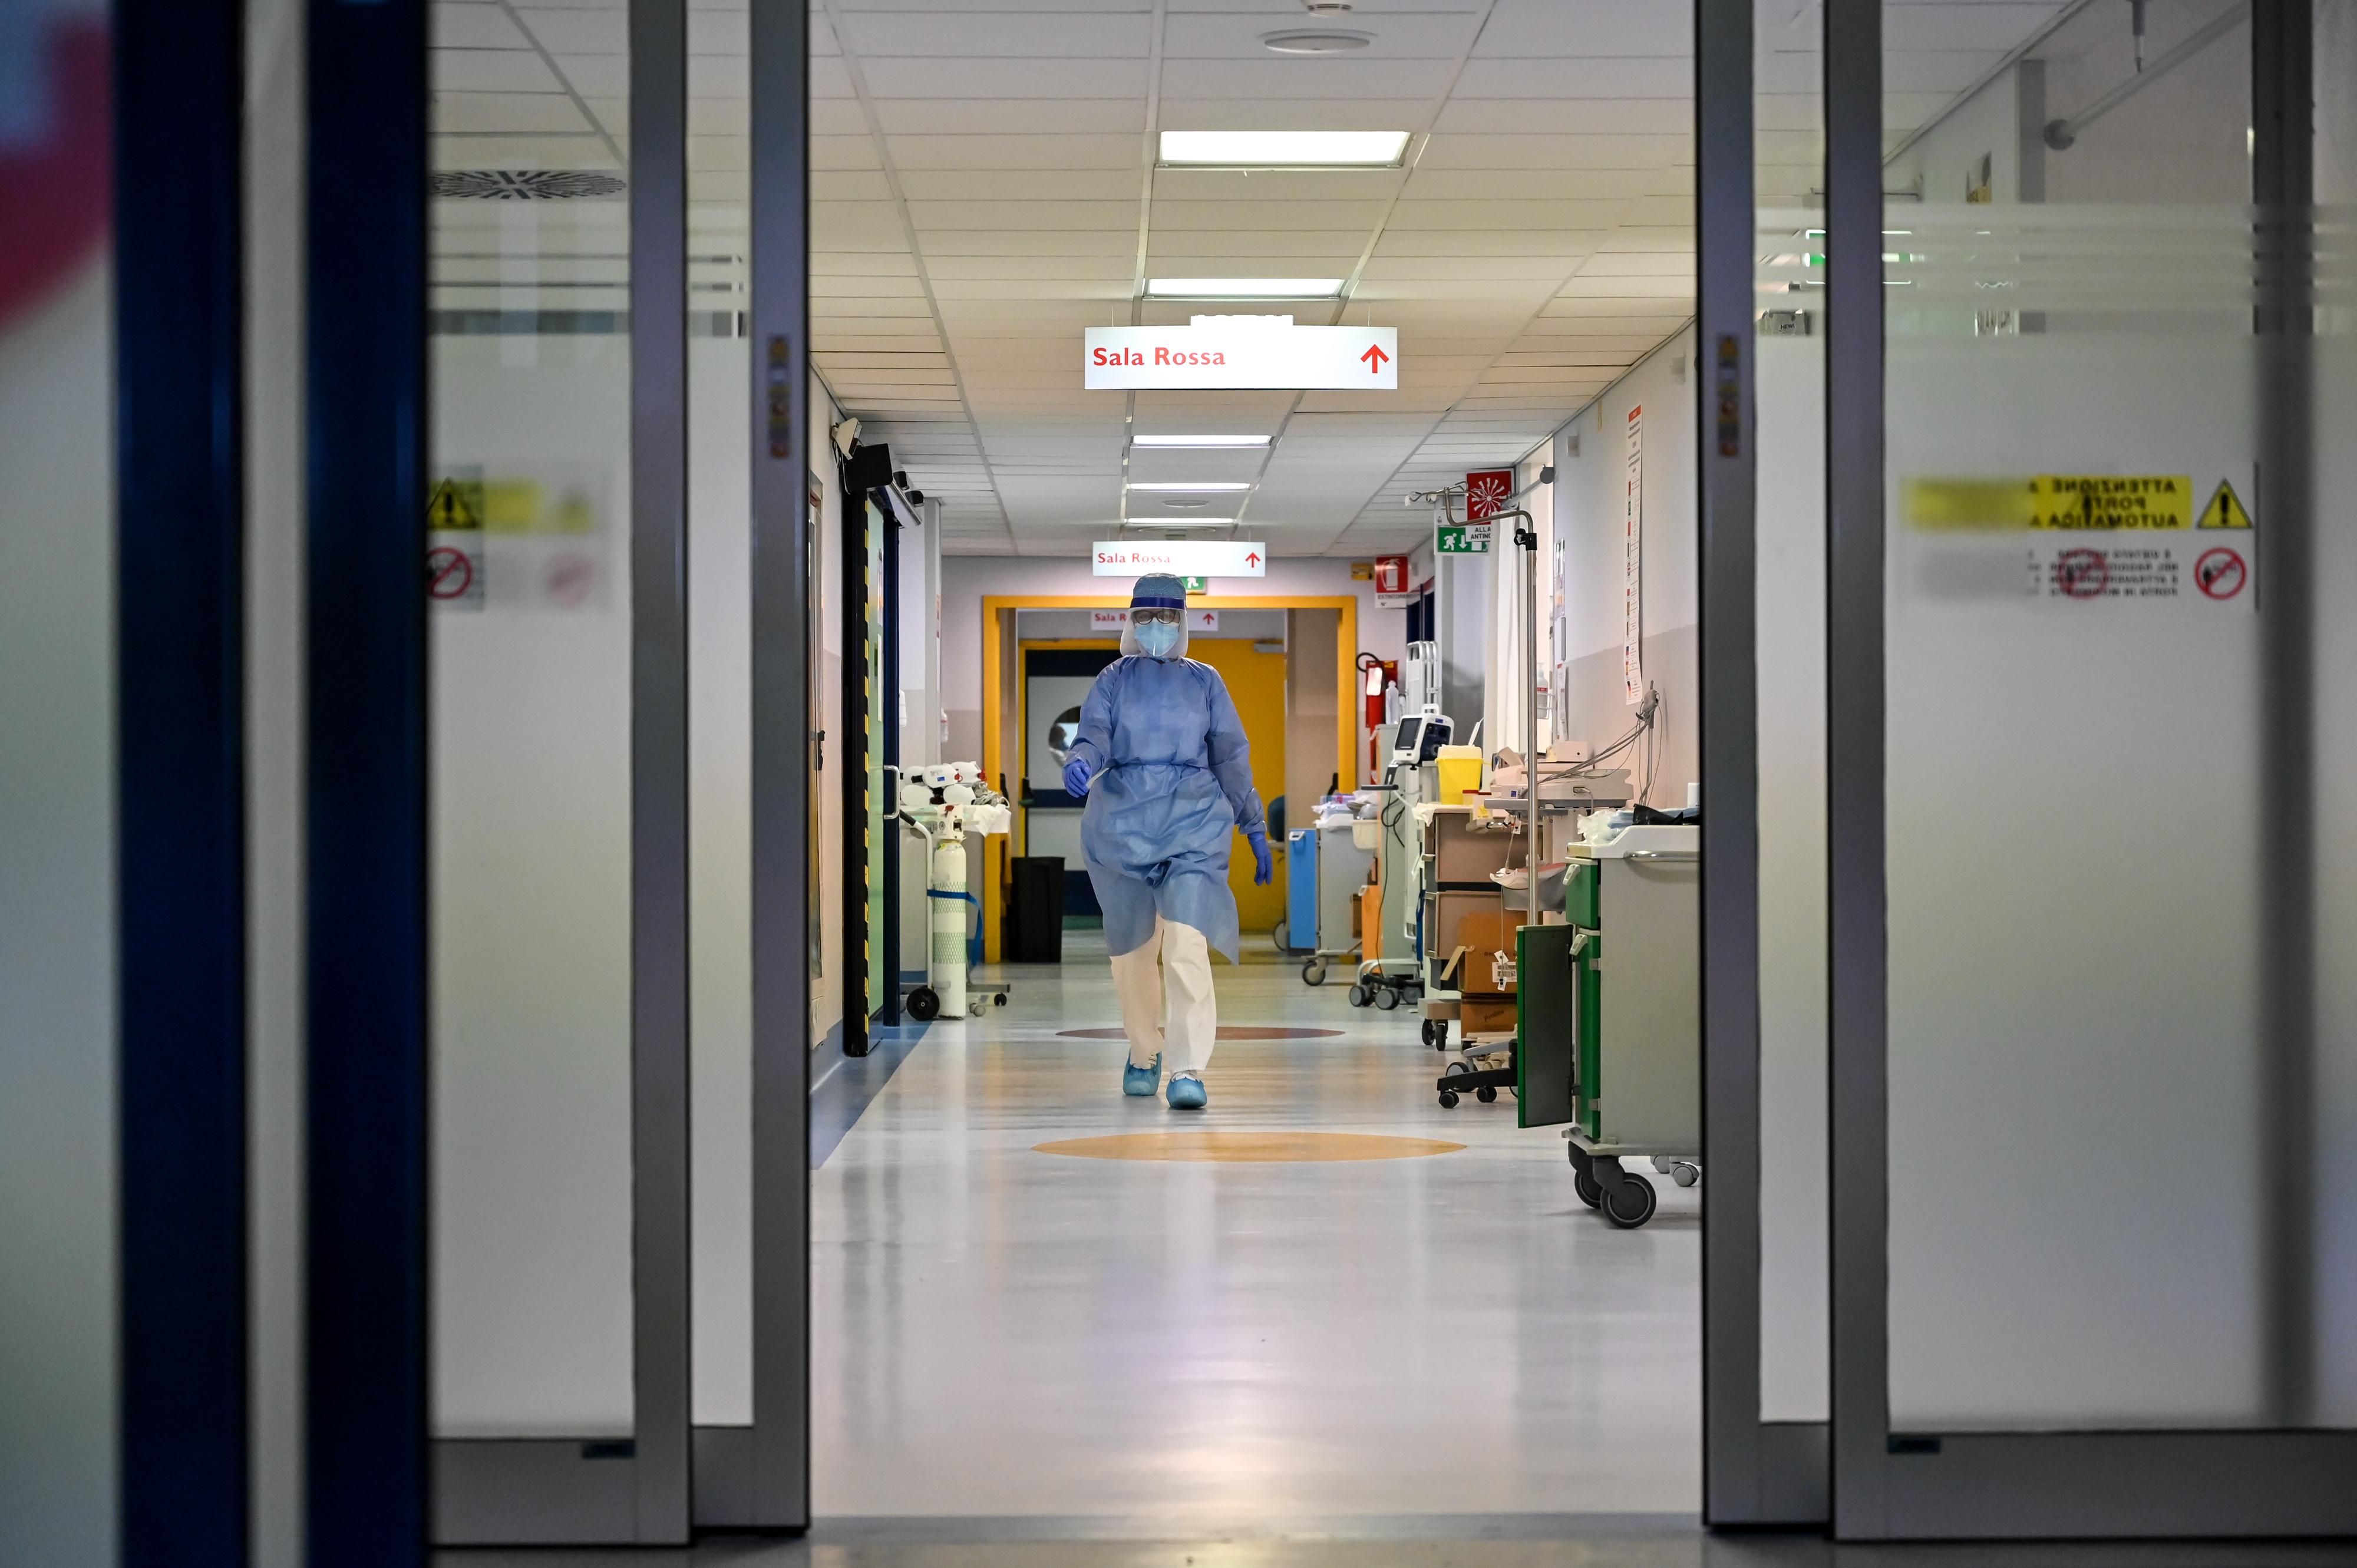 اللحظات الحرجة التي عاشها مصابون بكورونا في المستشفيات